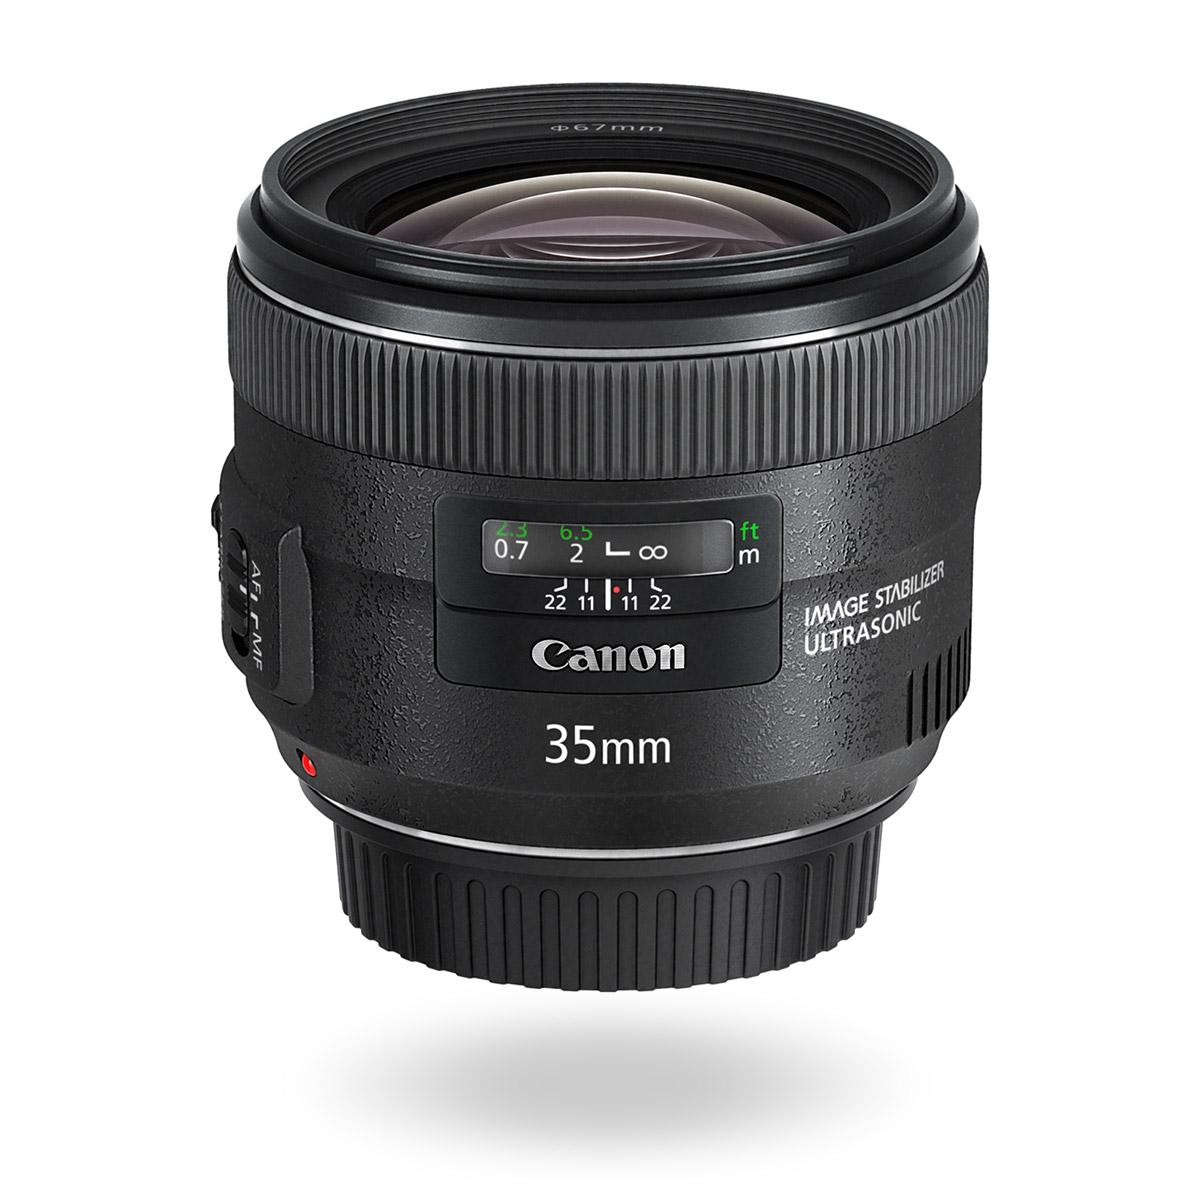 EF 35mm f/2 IS USM lens